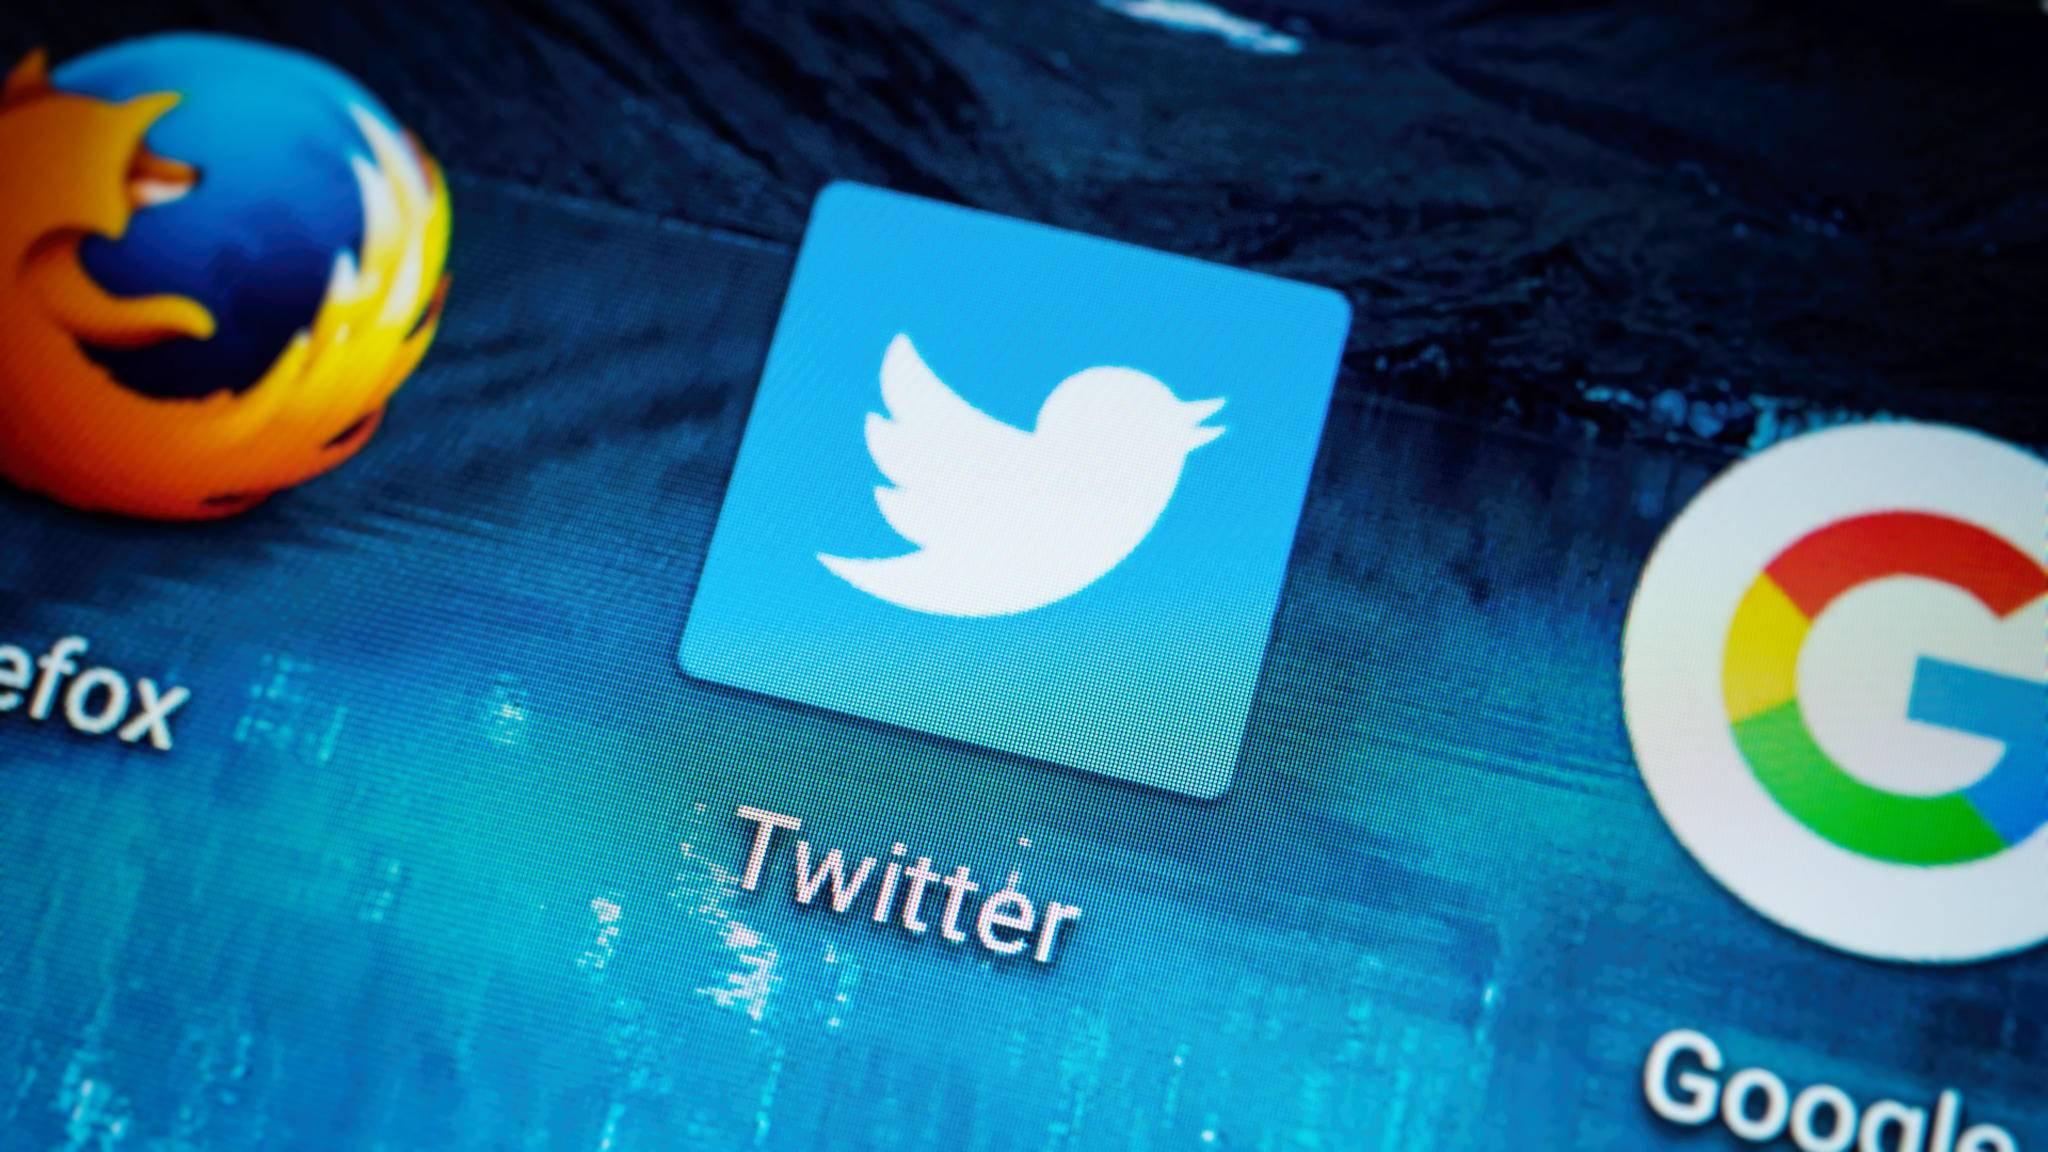 Twitter geht nun strenger gegen Beleidigungen vor.